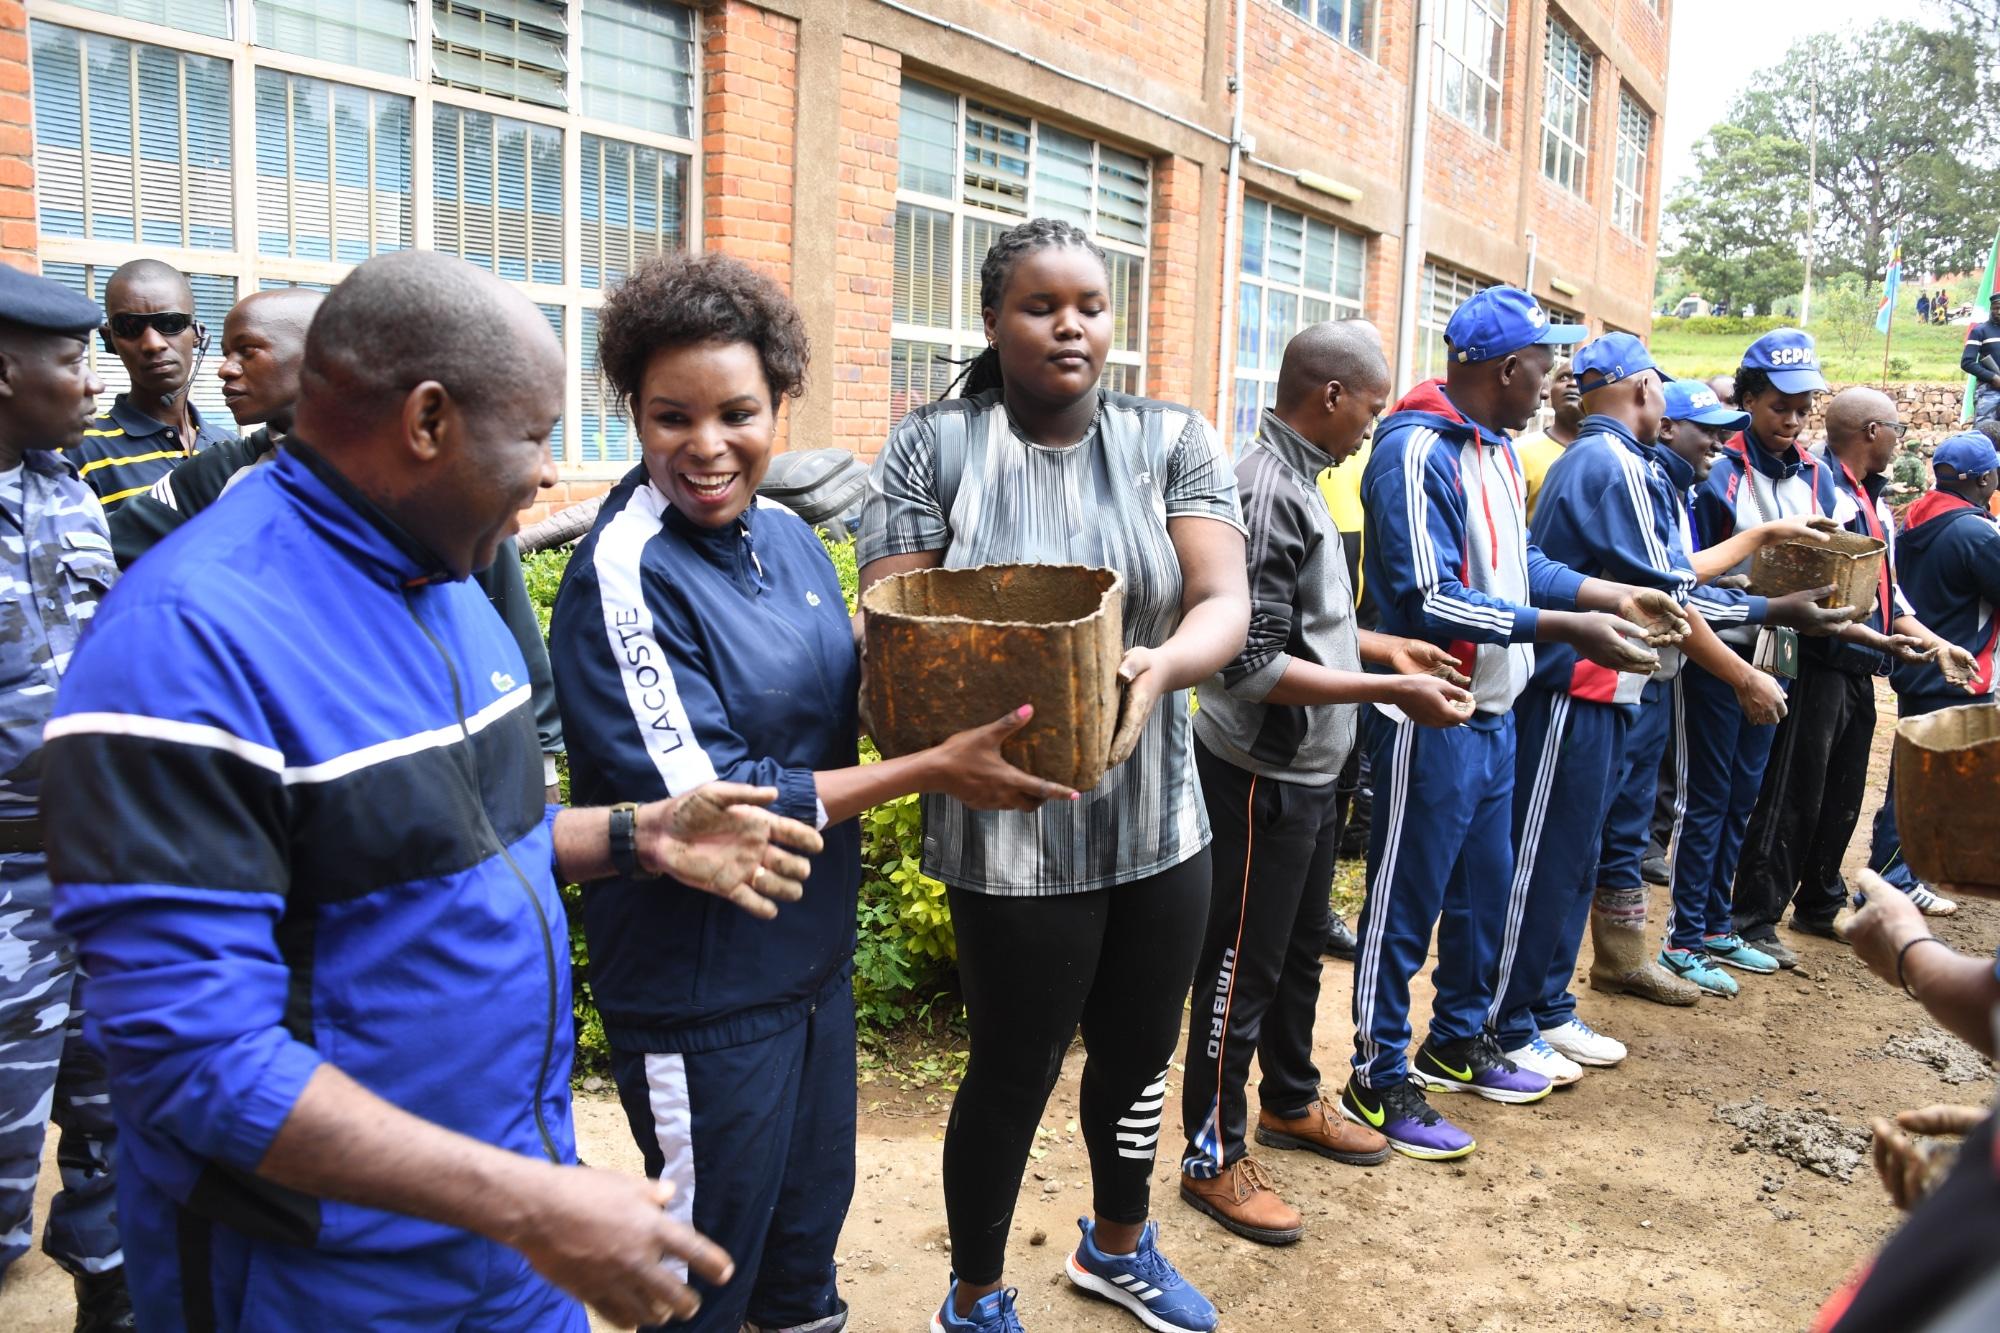 Le Chef de l'Etat appelle la jeunesse Burundaise à aimer les filières techniques pour pouvoir s'auto-developper et développer le pays